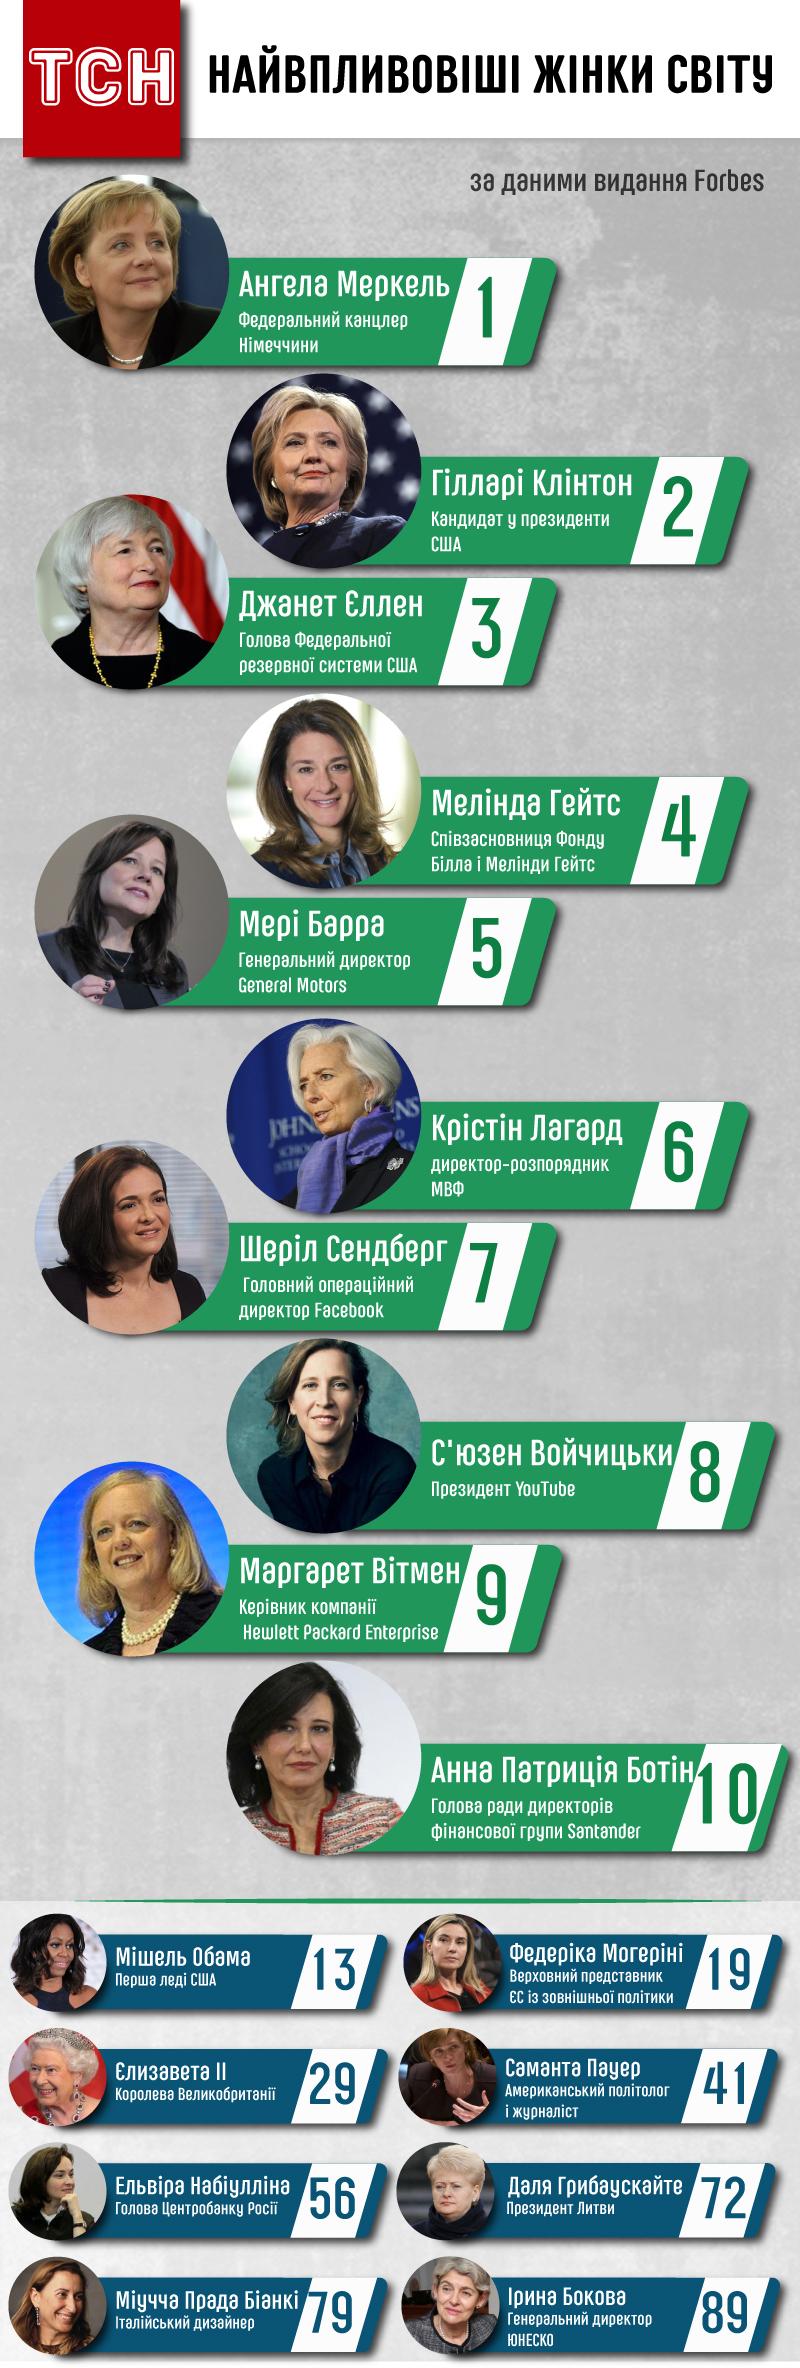 Найвпливовіші жінки світу